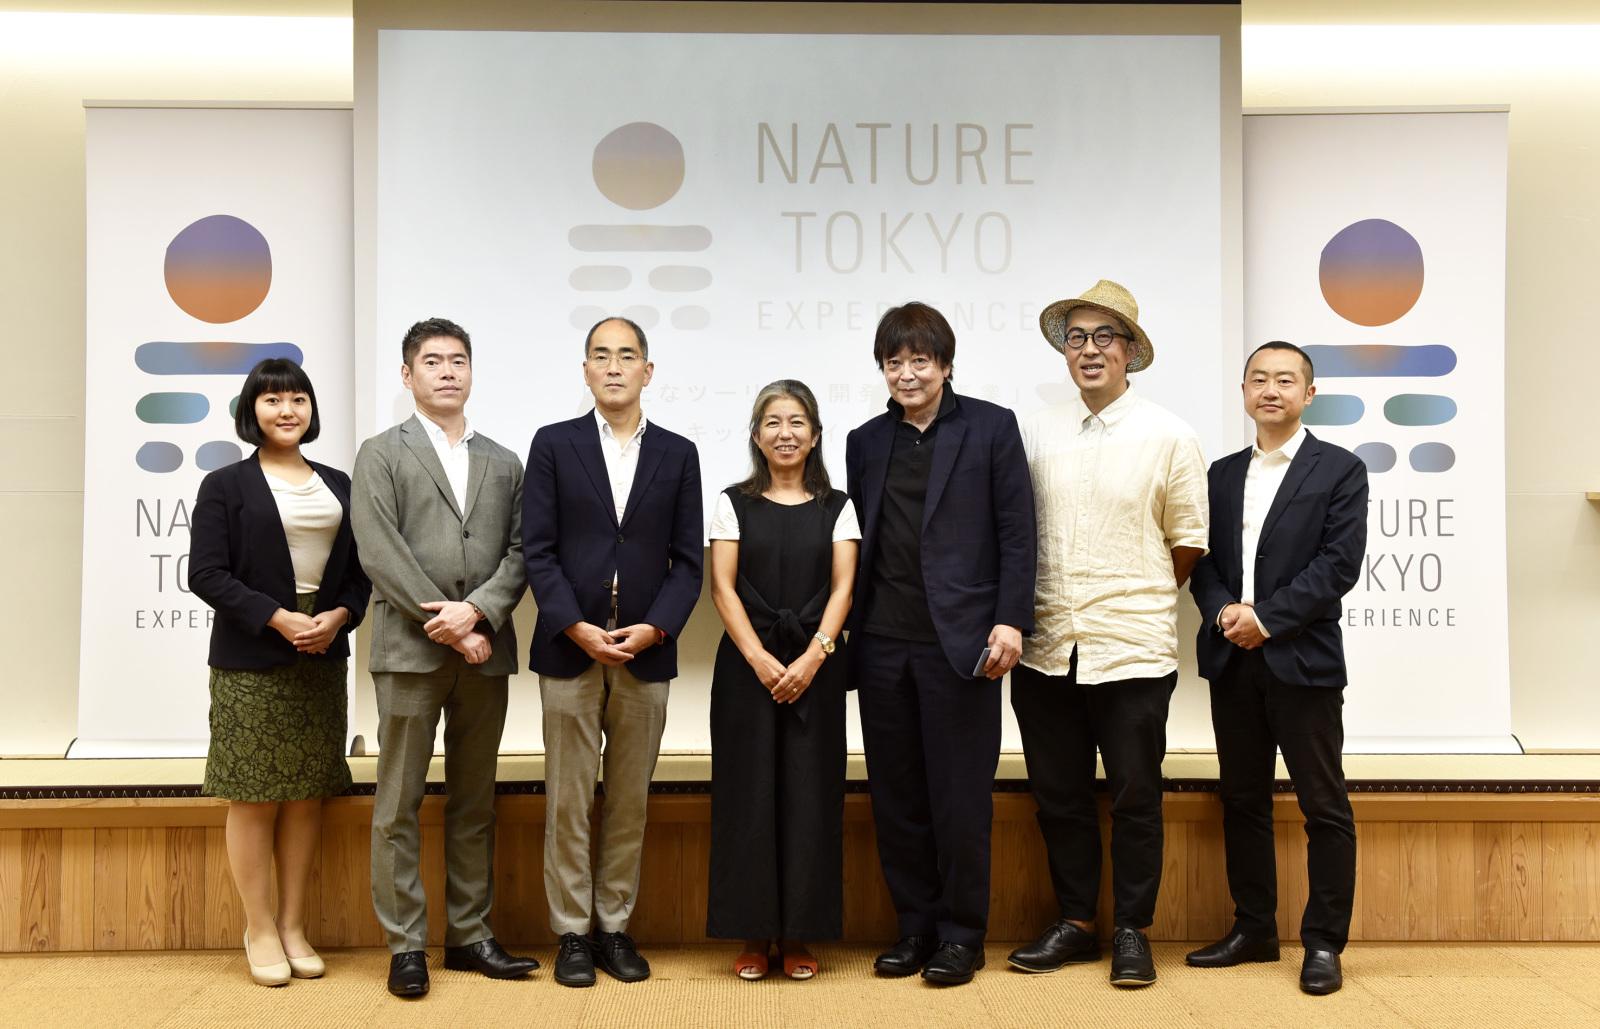 『Nature Tokyo Experienceキックオフミーティング』で登壇されたみなさん。